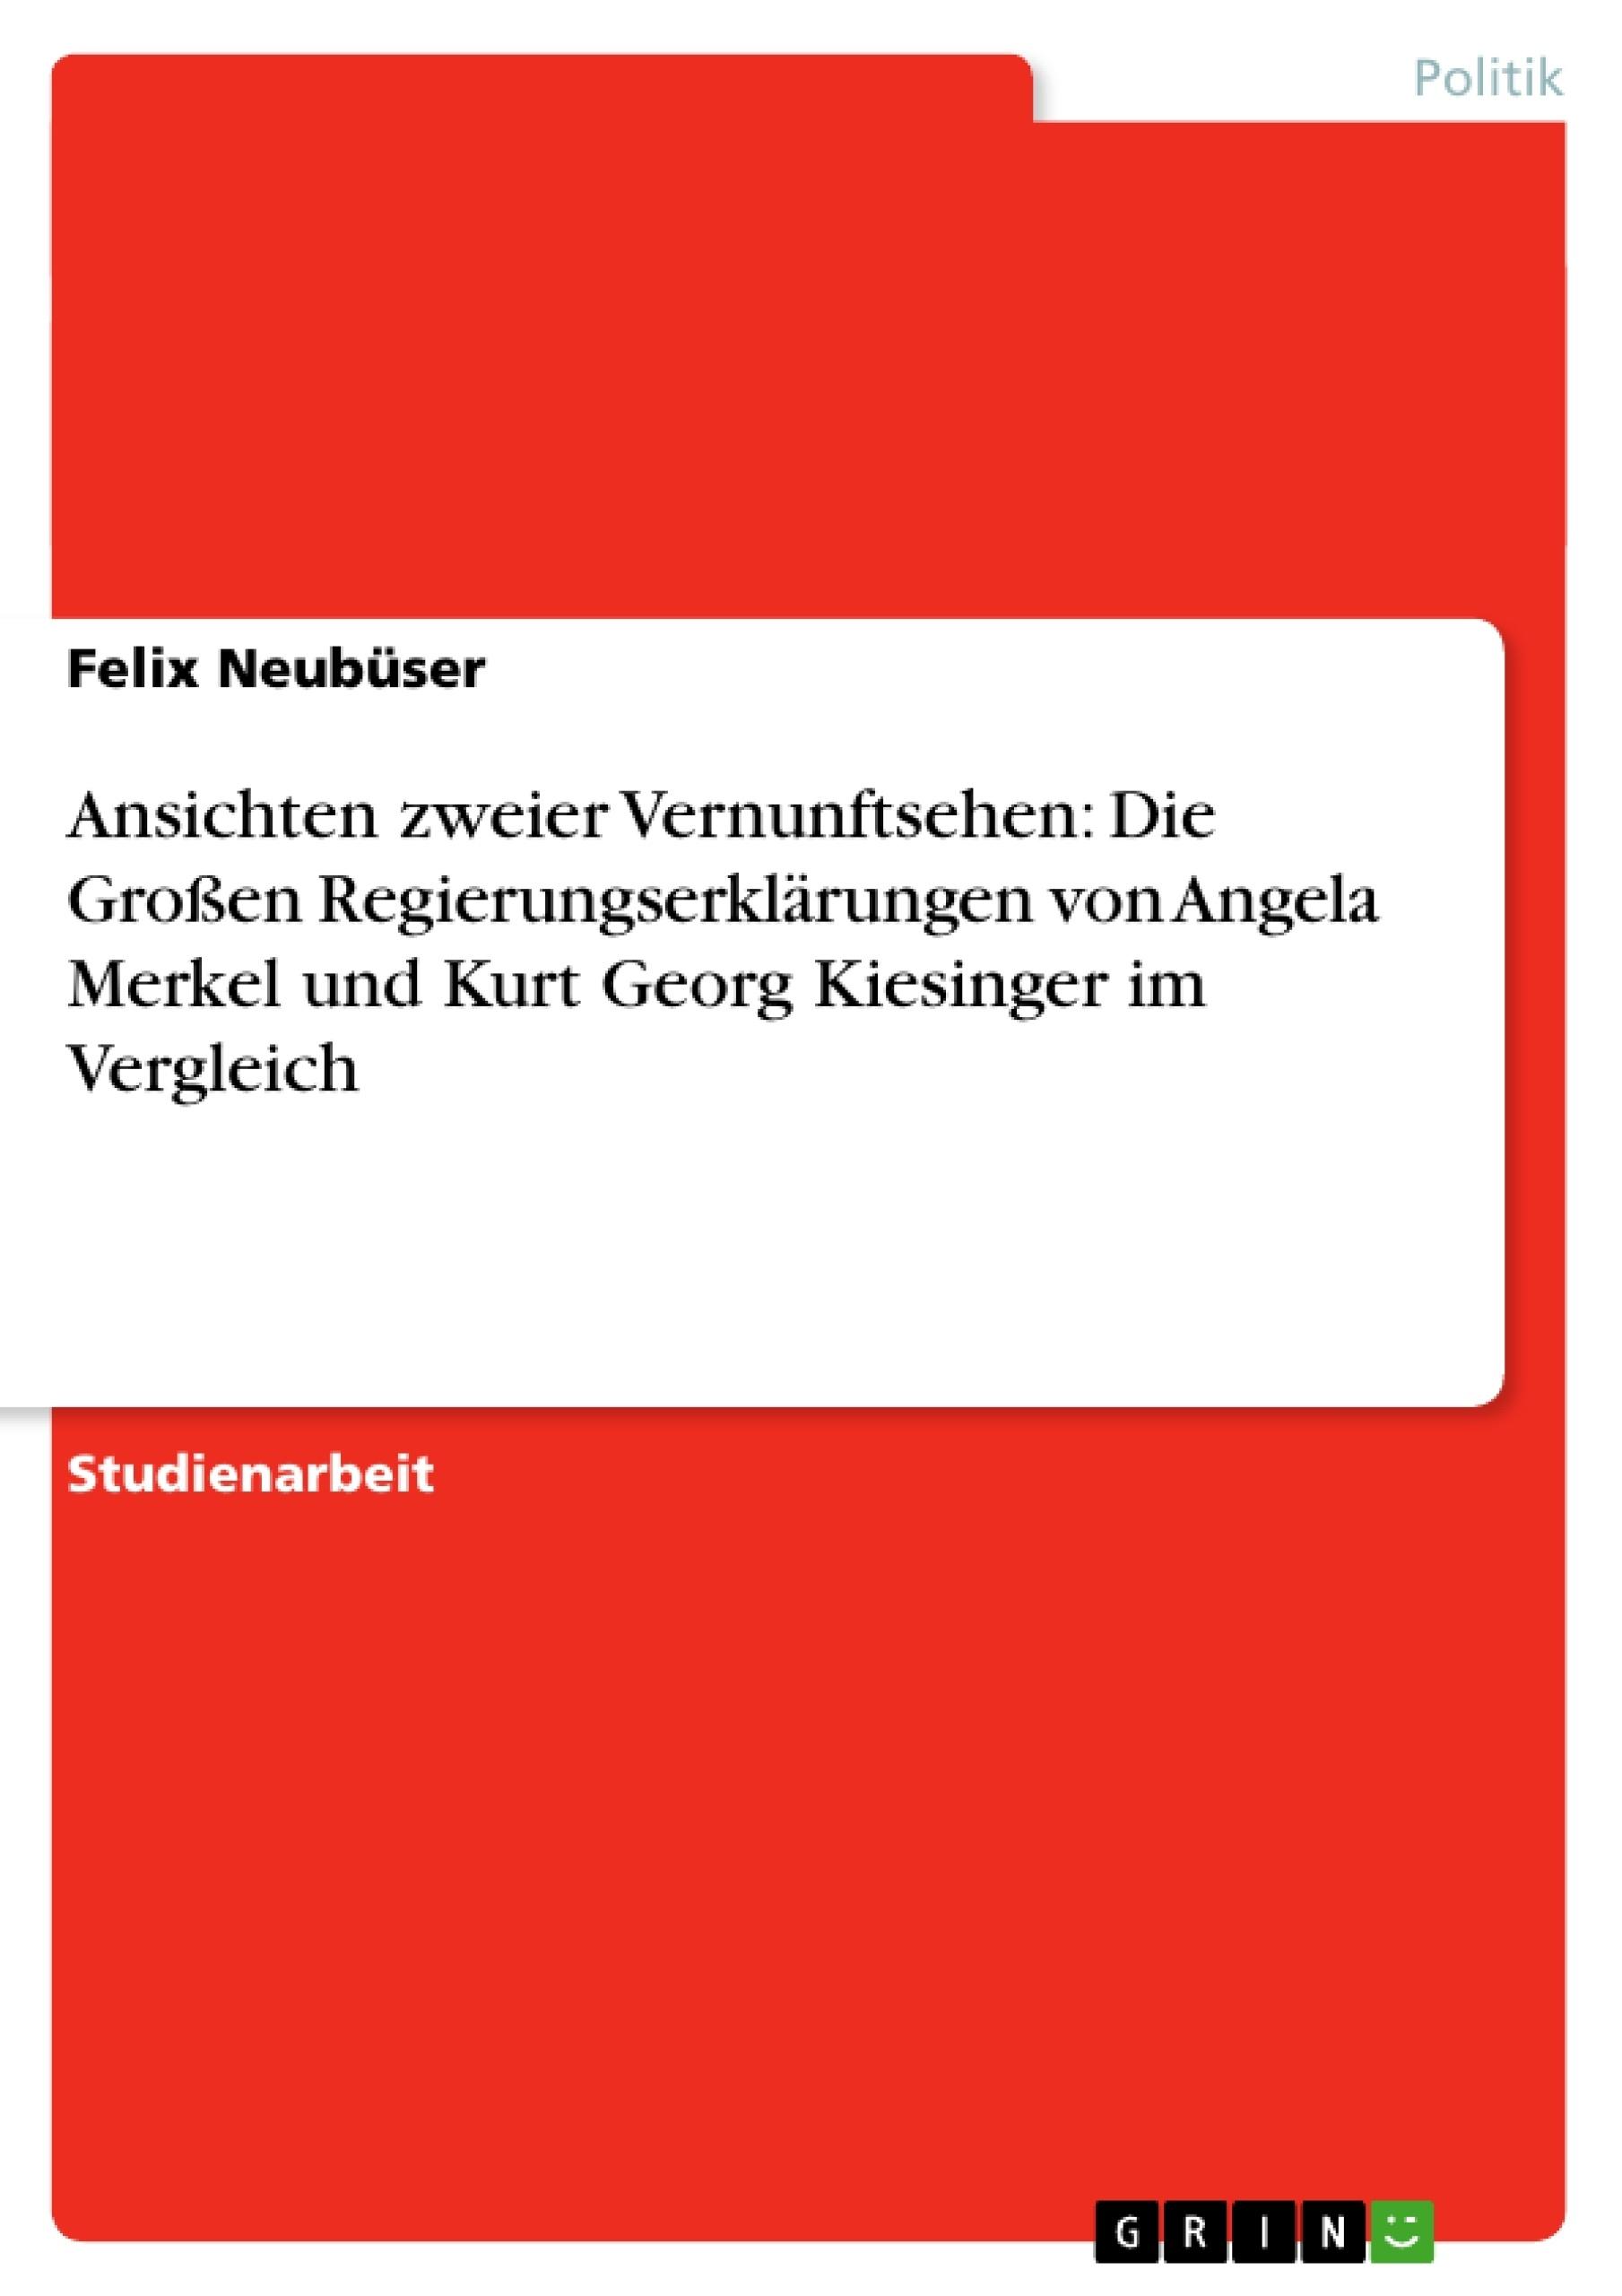 Titel: Ansichten zweier Vernunftsehen: Die Großen Regierungserklärungen von Angela Merkel und Kurt Georg Kiesinger im Vergleich